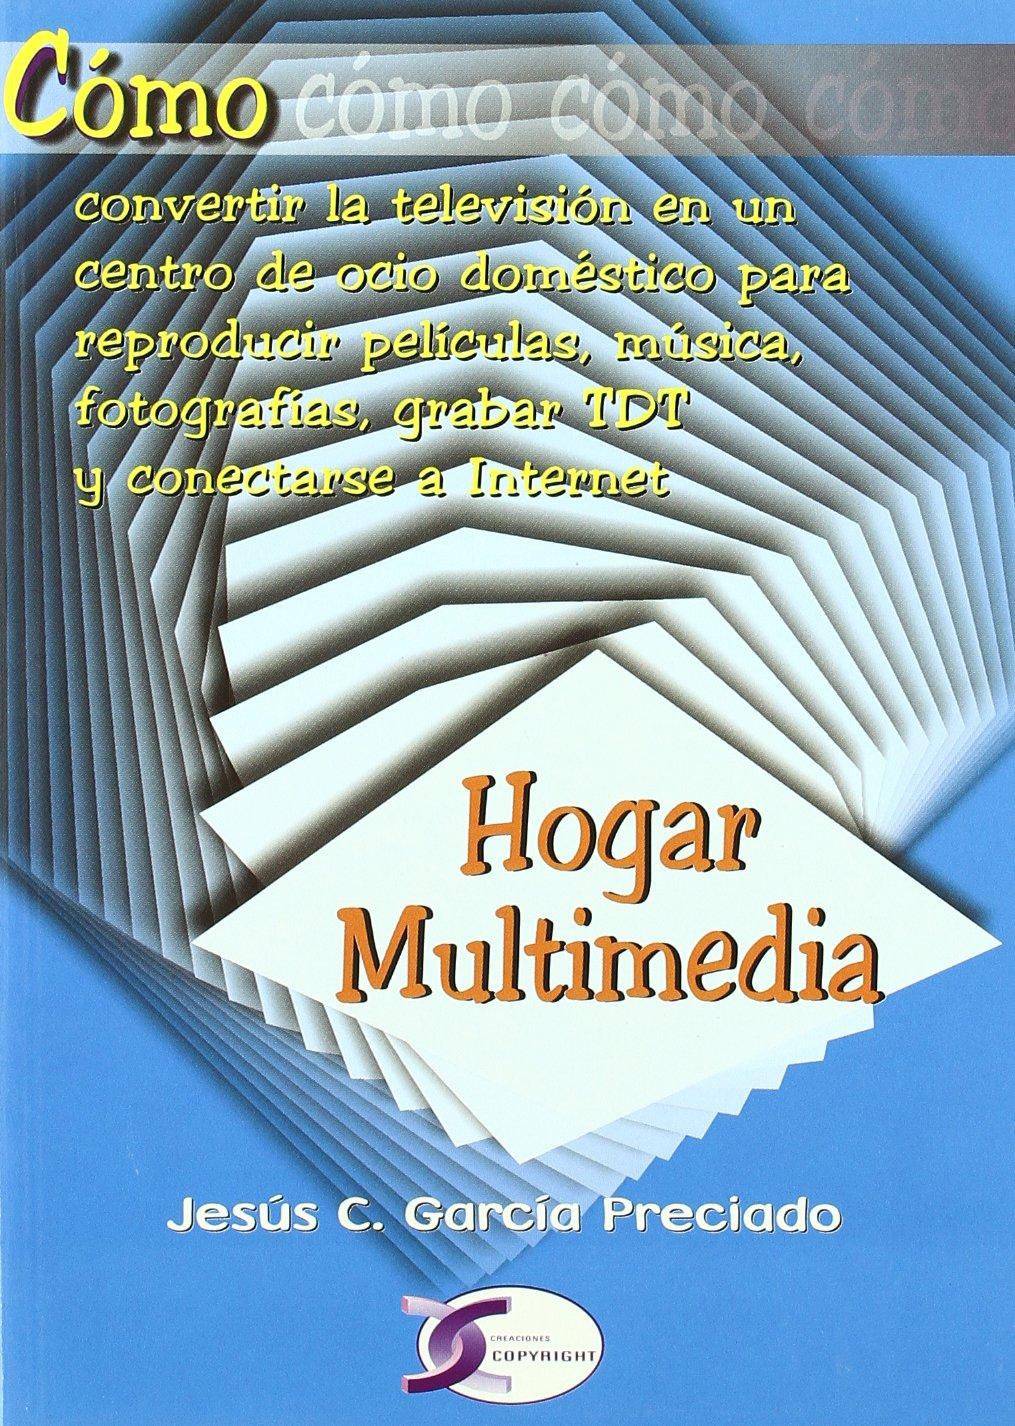 HOGAR MULTIMEDIA COMO CONVERTIR TELEVISION CENTRO OCIO: Amazon.es: García-Preciado, Jesús C.: Libros